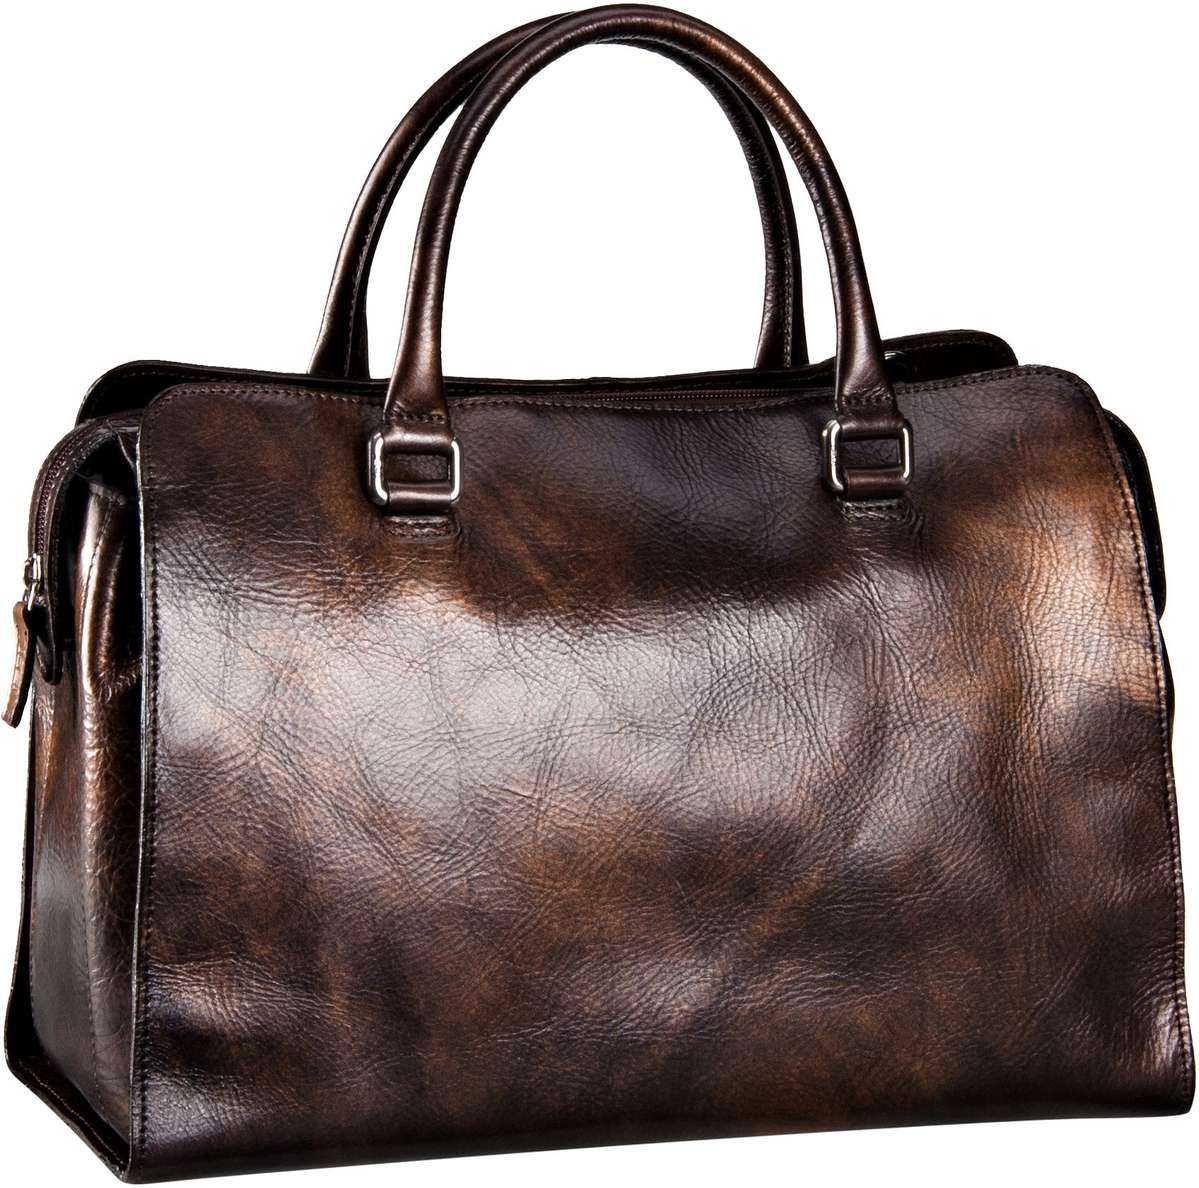 Jost Handtasche Galactic 1123 Handtasche Dark Wine - Bowling Bag, Handtaschen